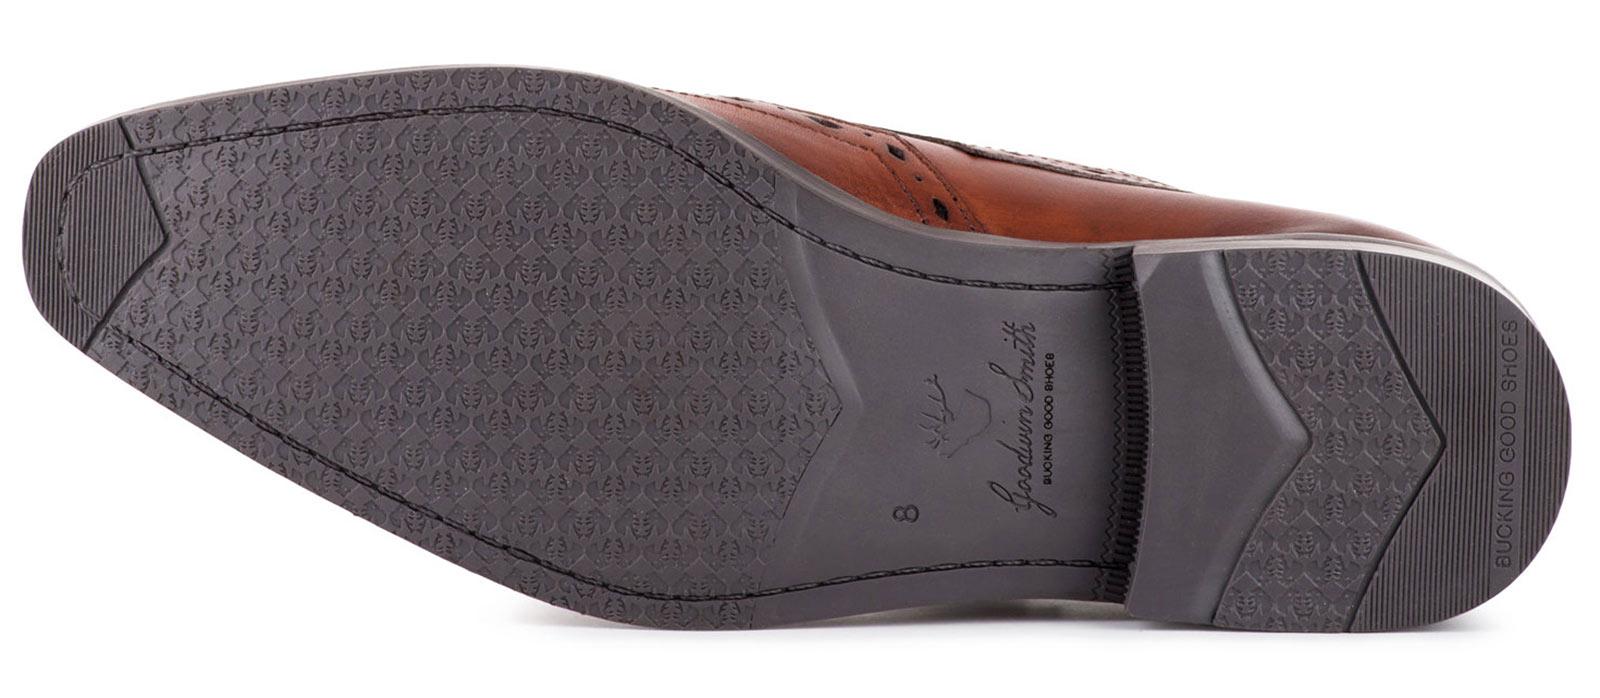 NUOVO Goodwin Goodwin Goodwin Smith stavely IN MOGANO LINEA uomo scarpe cinturino MONACO tutte le taglie   Special Compro    Scolaro/Signora Scarpa  7d996d